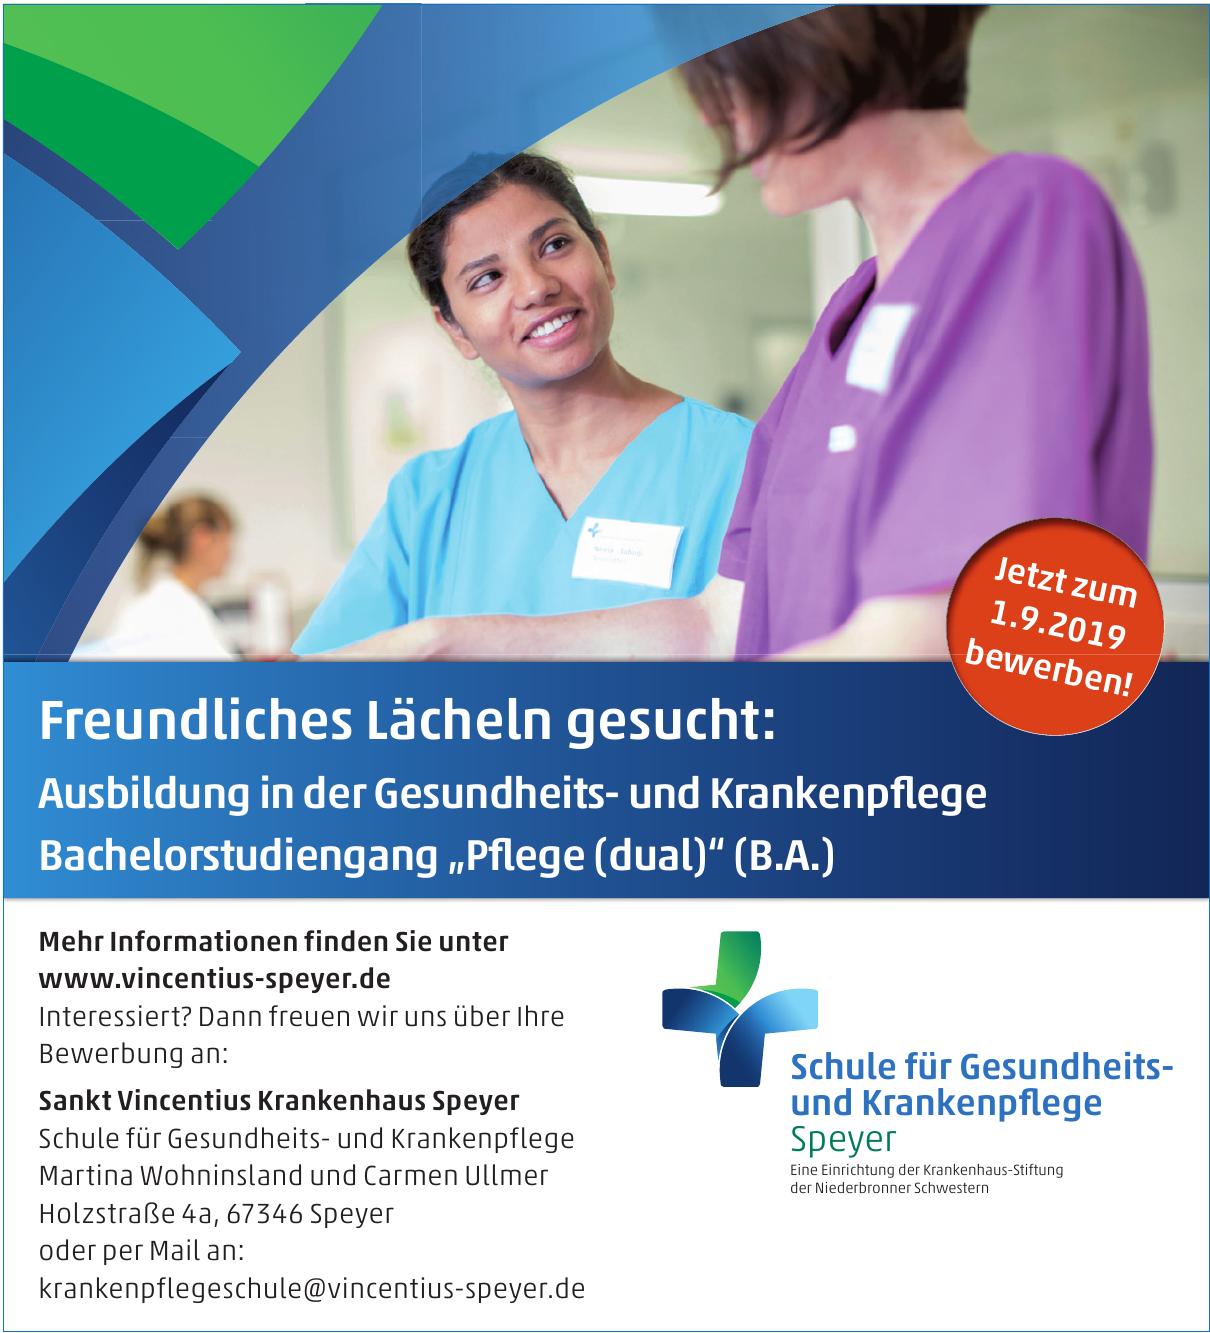 Sankt Vincentius Krankenhaus Speyer - Schule für Gesundheits- und Krankenpflege